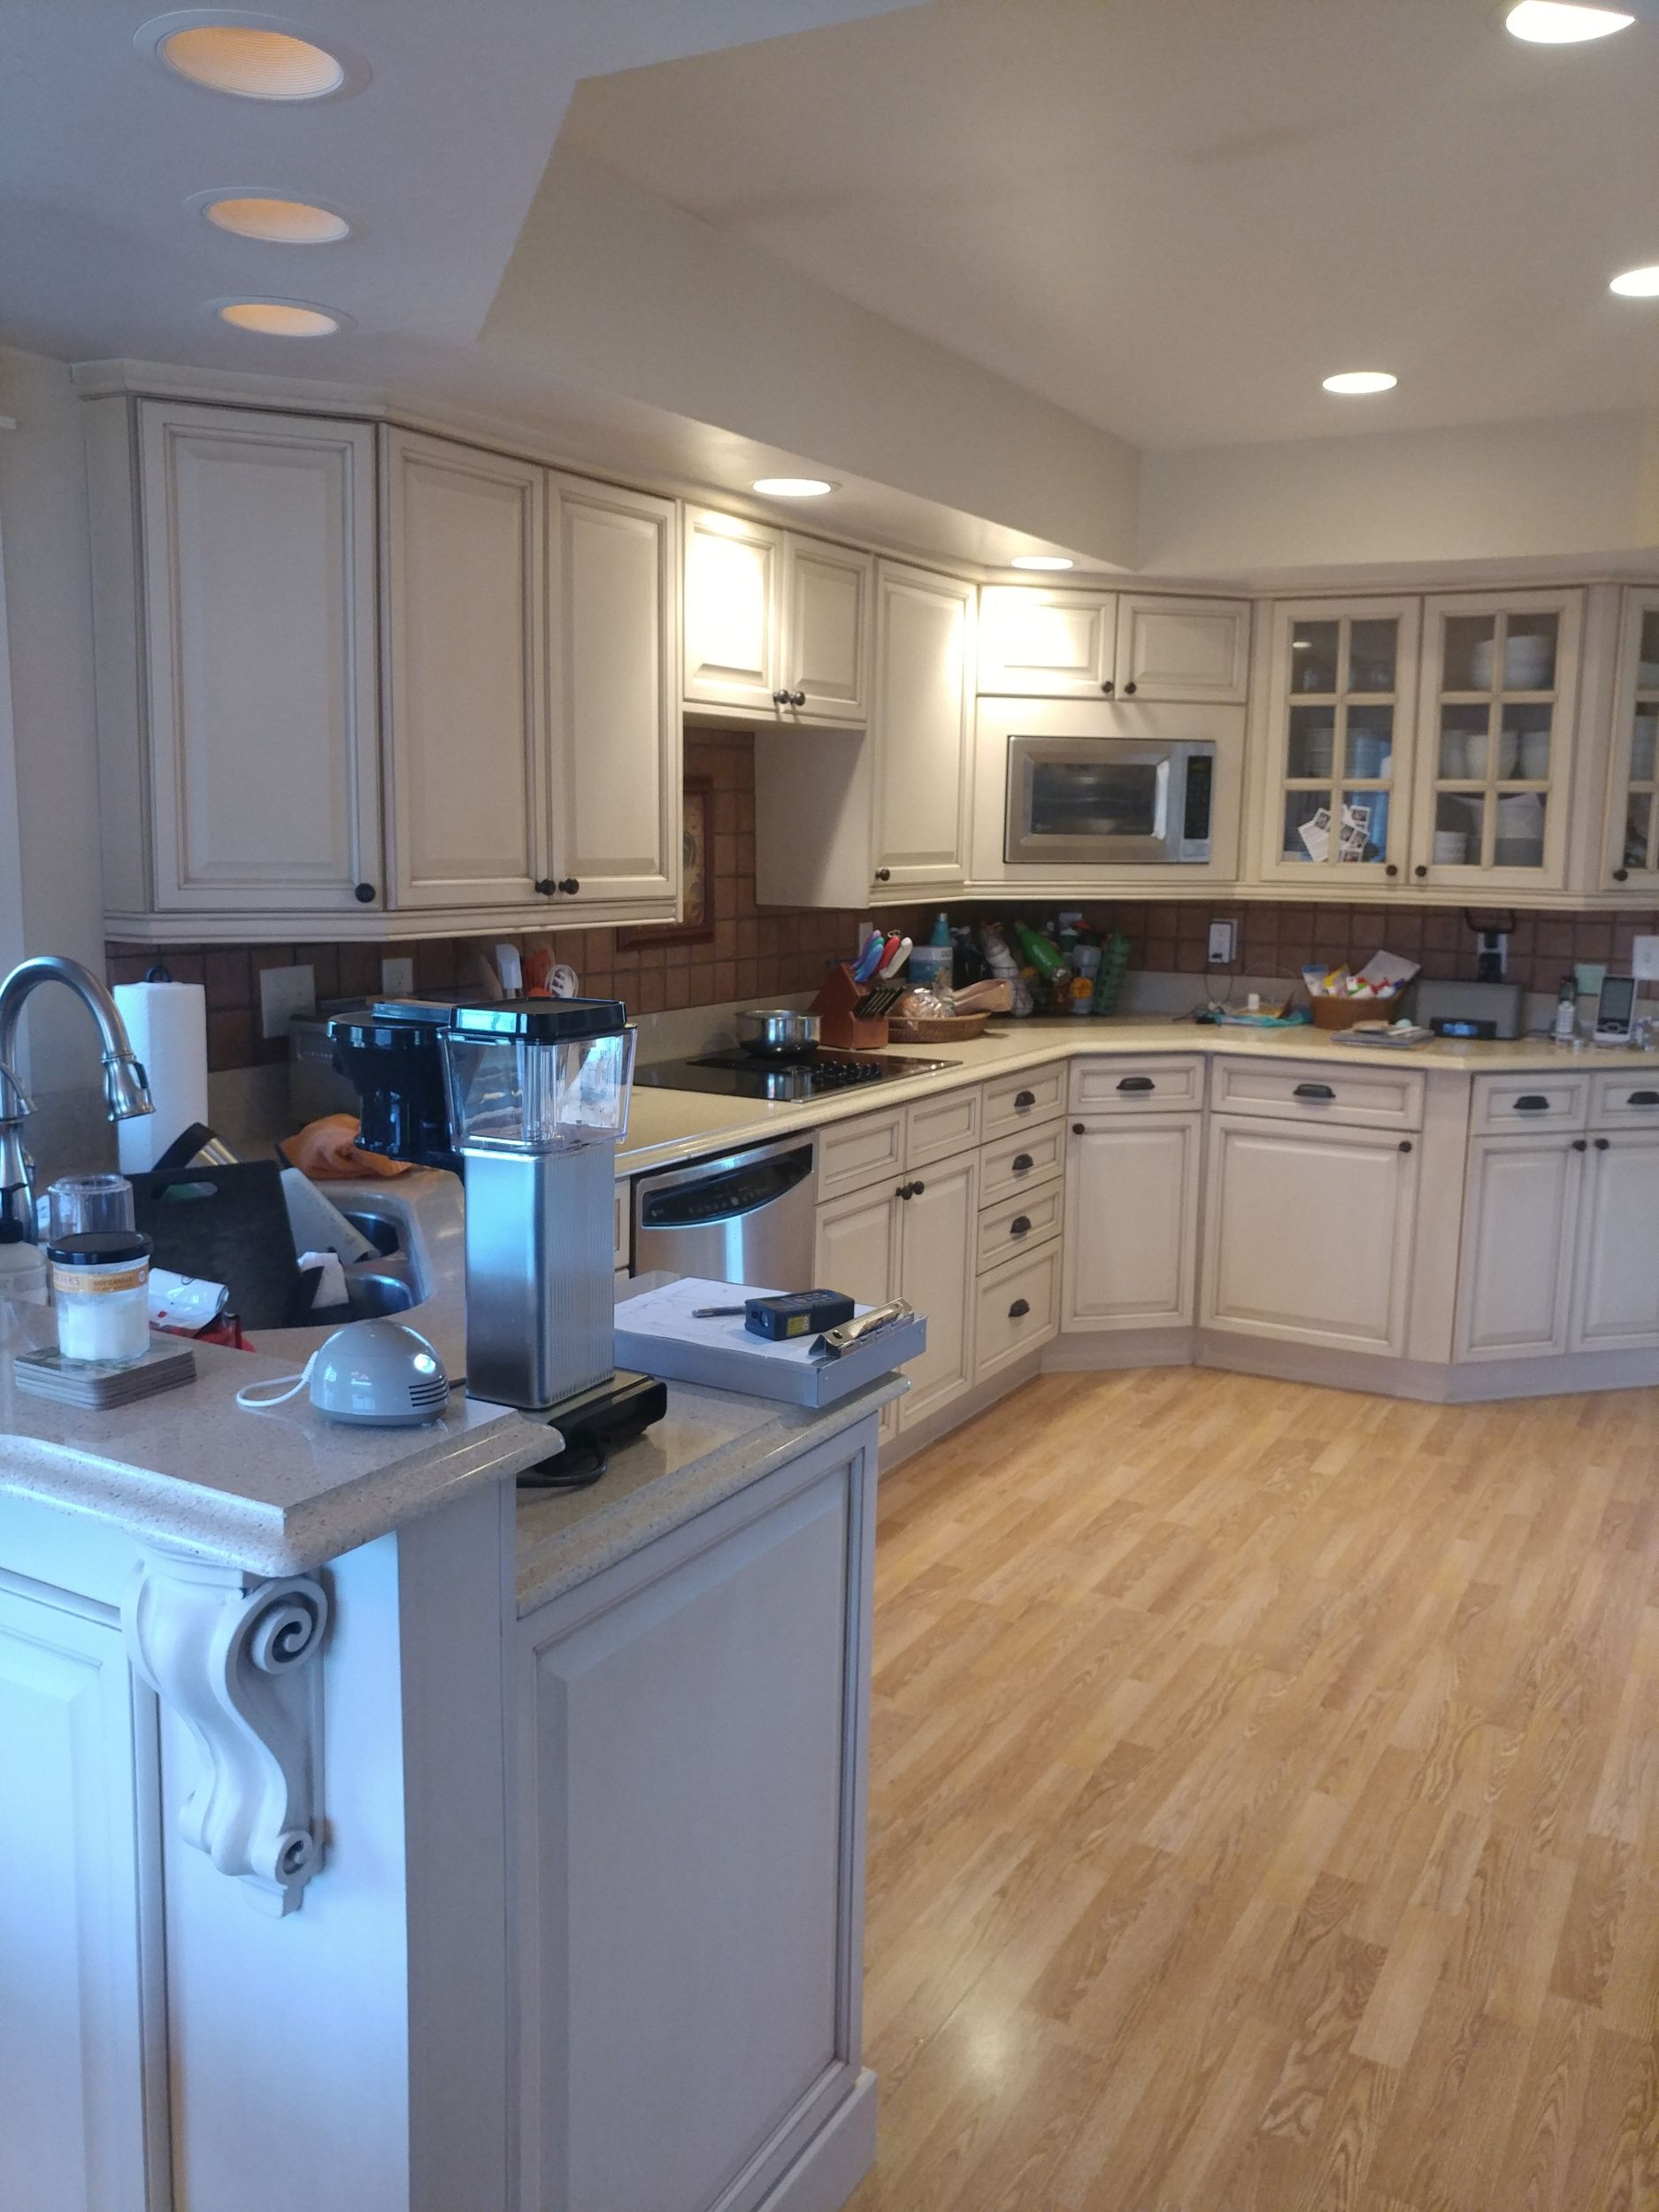 richards_kitchen_8.jpg